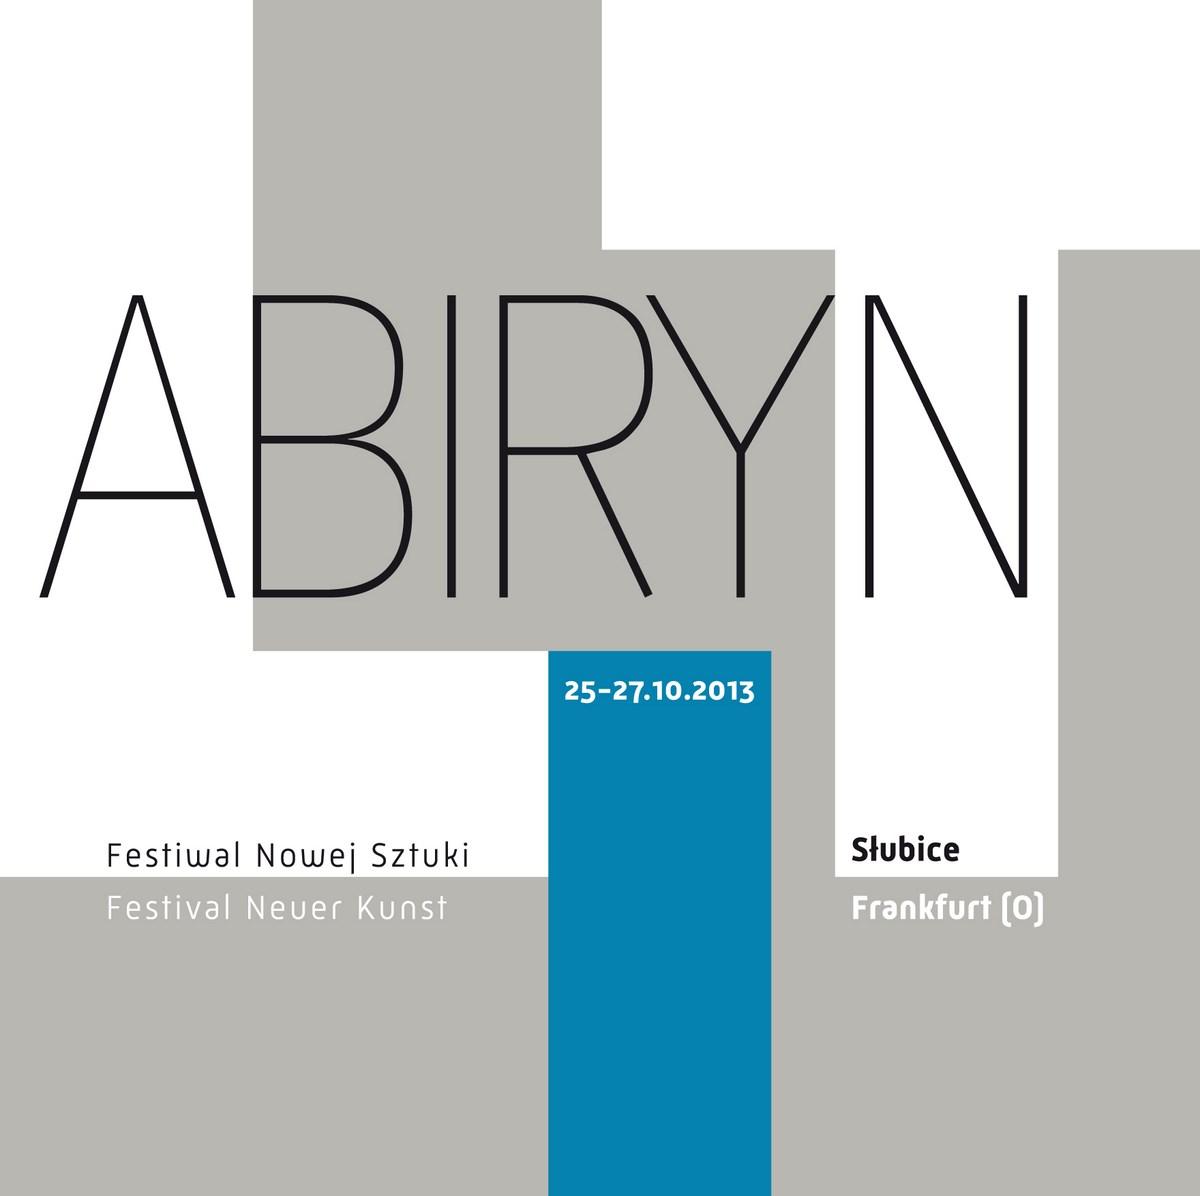 4. Festiwal Nowej Sztuki lAbiRynT, logo (źródło: materiały prasowe organizatora)